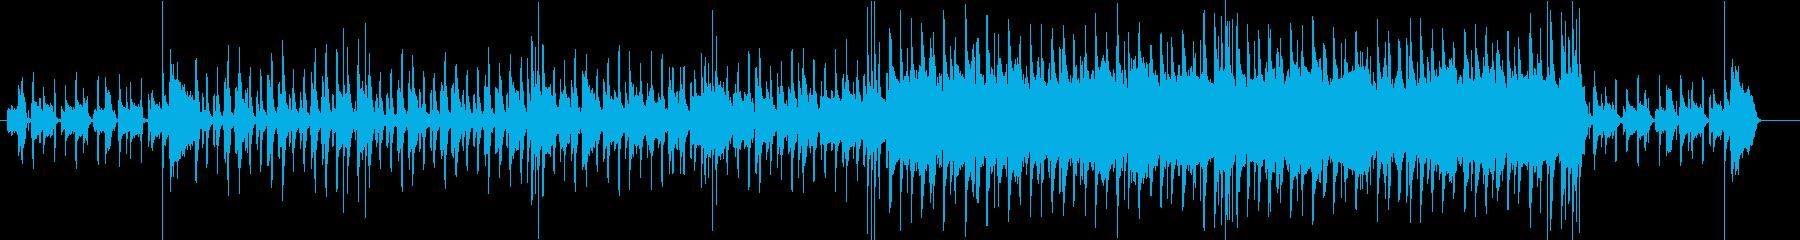 昭和ポップ・モダンなショーパブの再生済みの波形